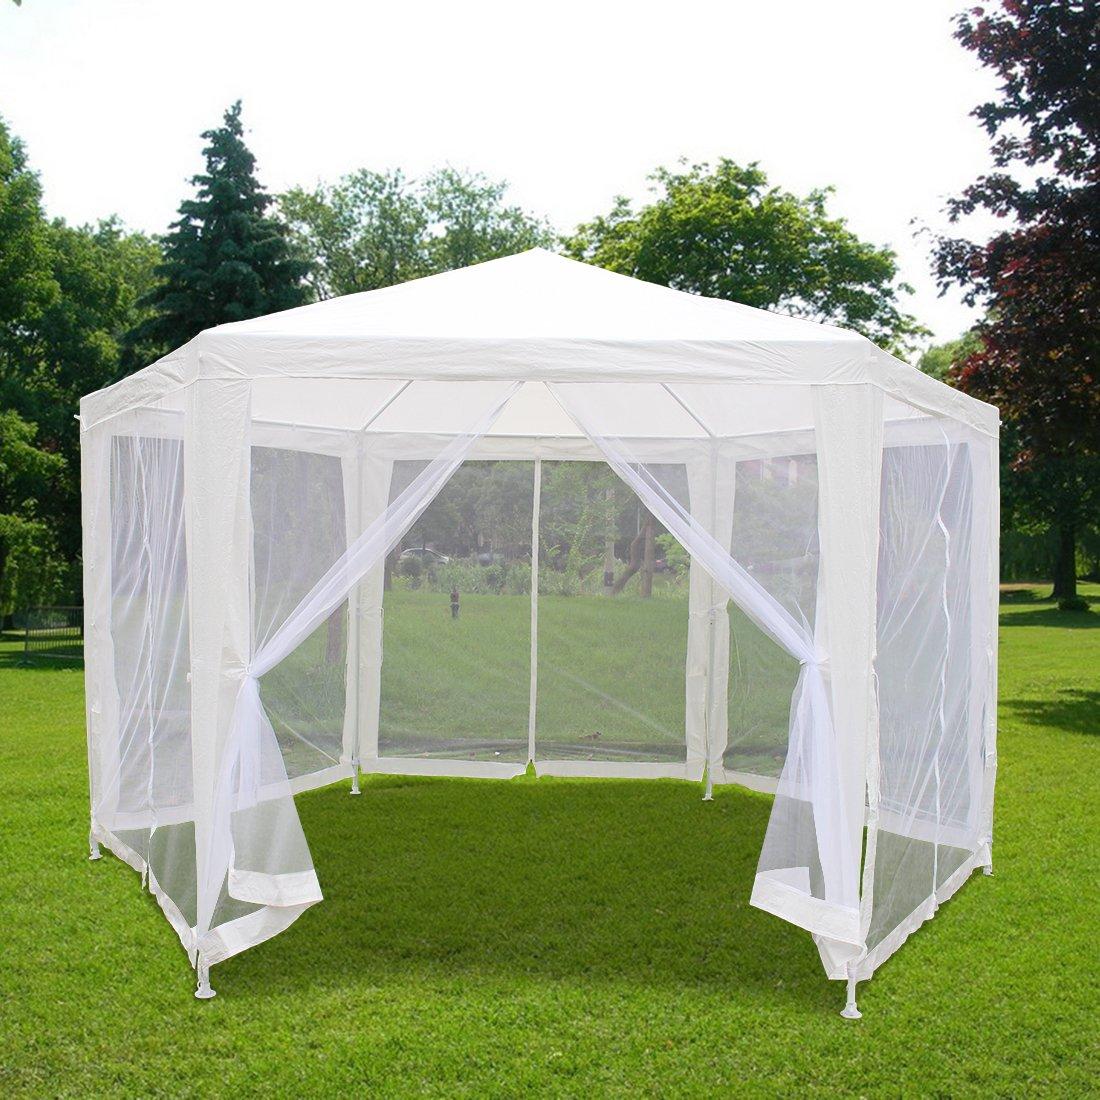 KMS – Toldo 11 x 13 jardín dosel de fiesta boda tienda de campaña Gazebo con paredes laterales de malla nettings más aire fresco y no los mosquitos: Amazon.es: Jardín